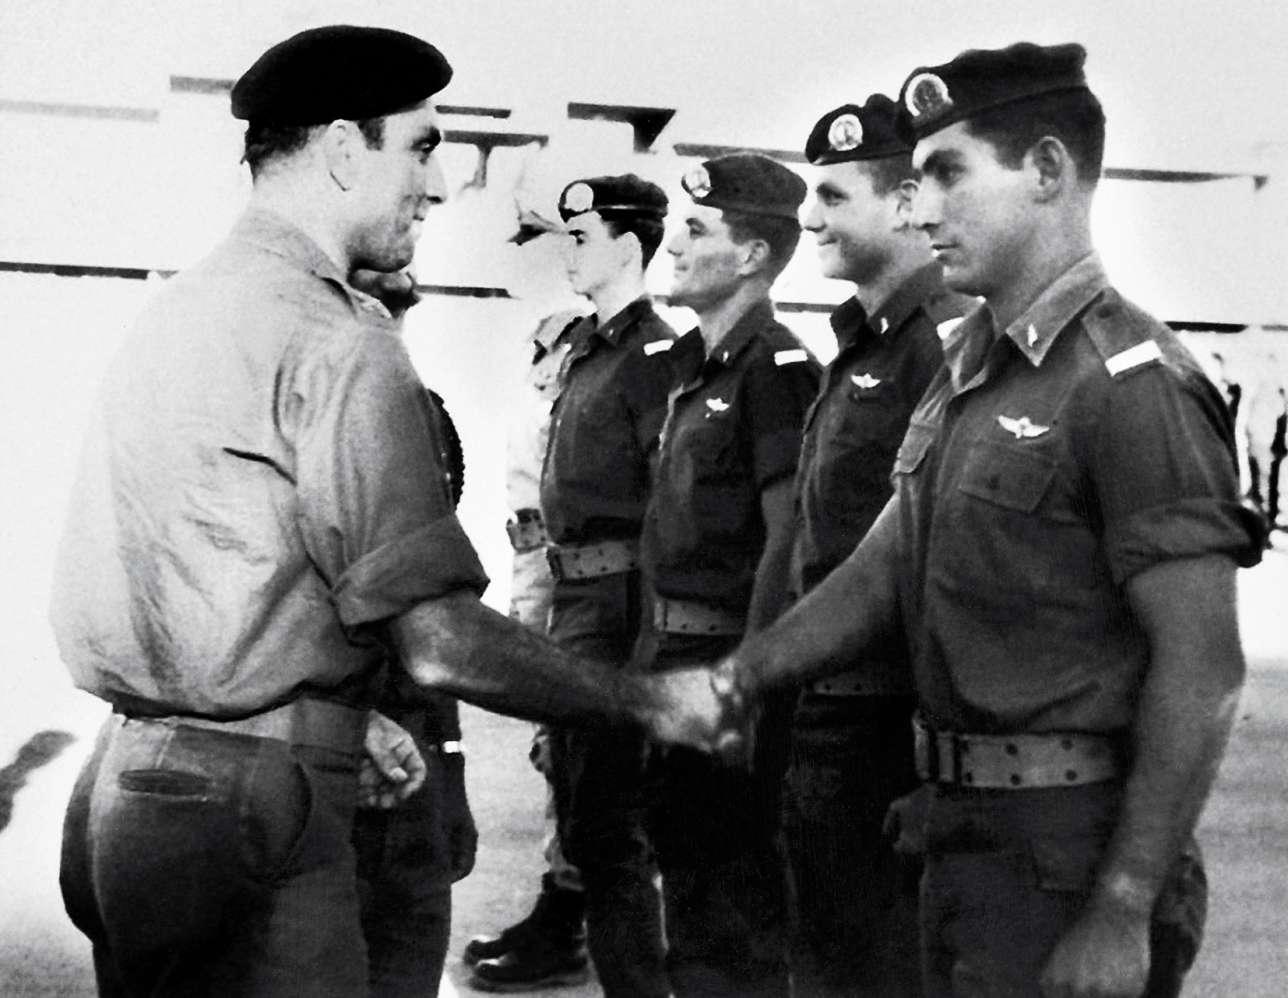 Benyamin Nétanyahou suit des études aux Etats-Unis. Il effectue son service militaire et devient officier en Israël.